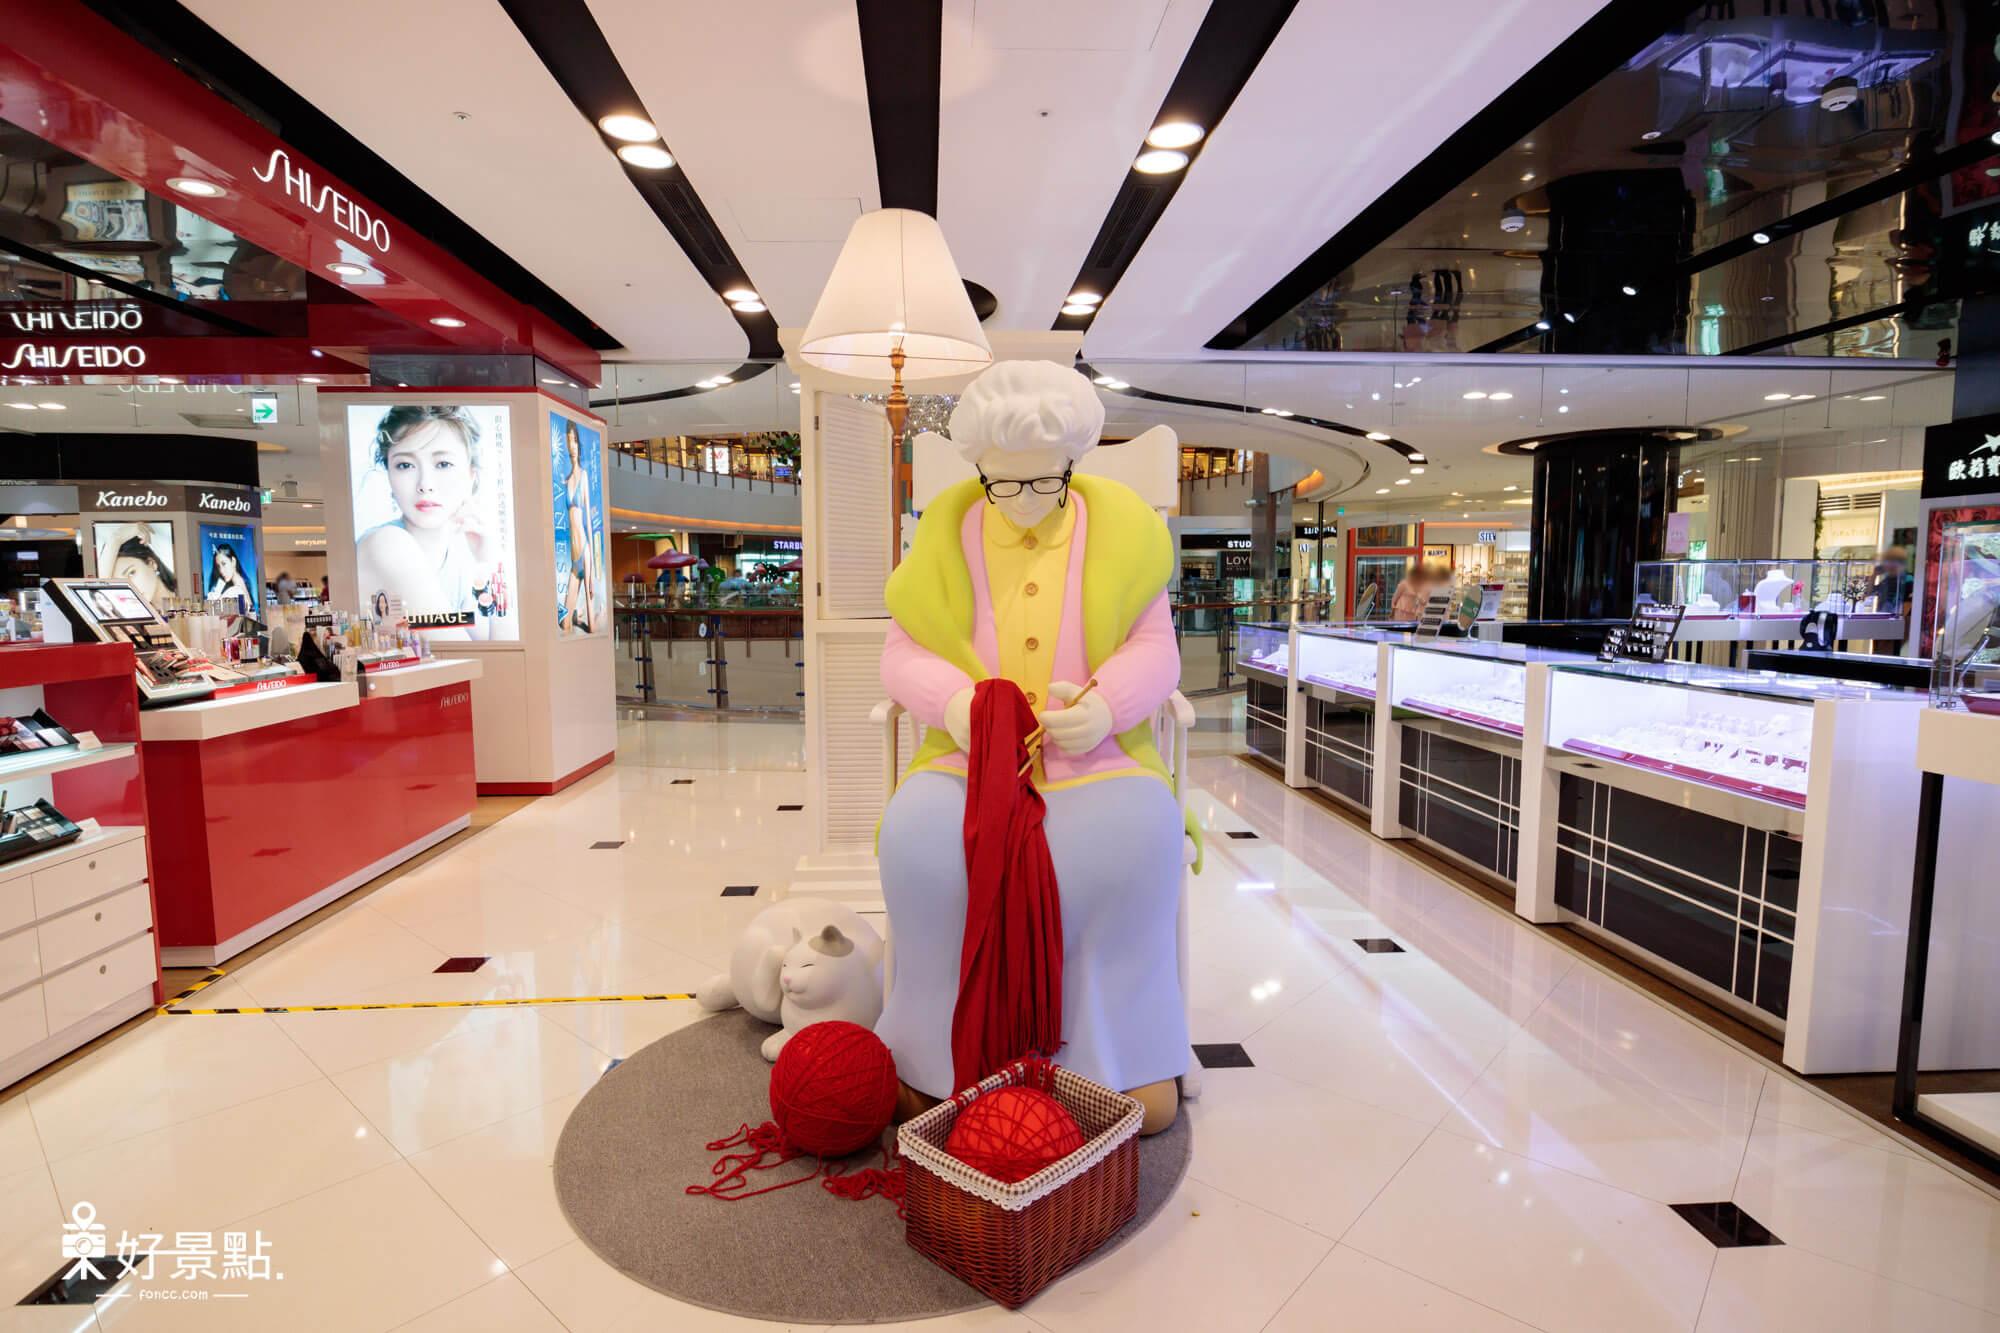 大江購物中心「童趣夢幻 歡樂仙境」裝置藝術